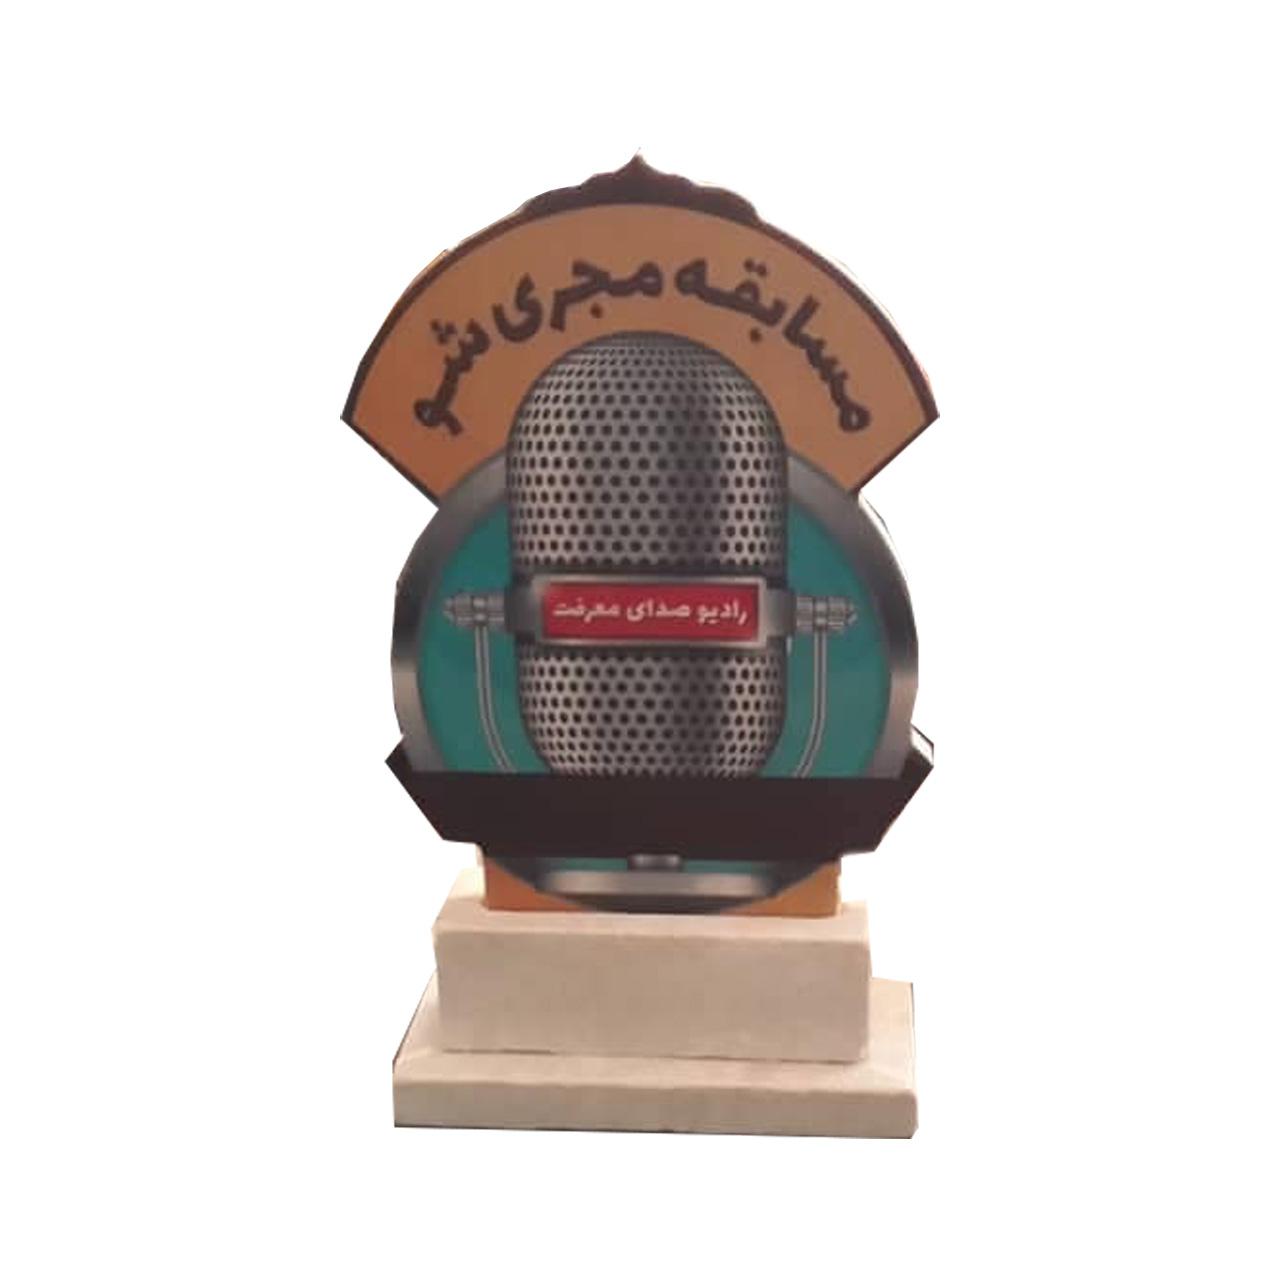 تندیس مسابقه مجری شو - رادیو صدای معرفت